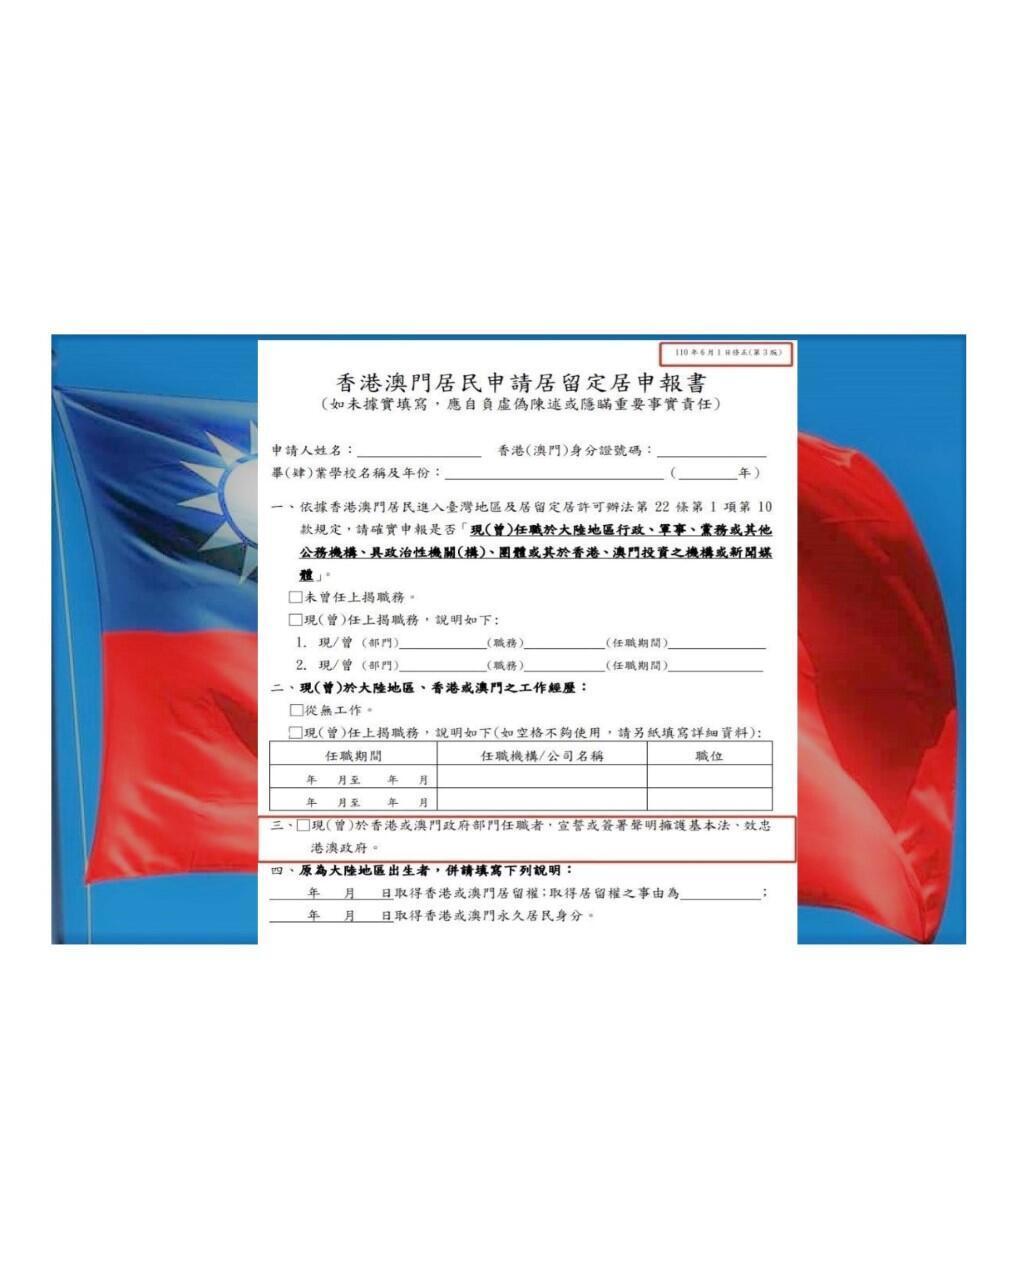 台湾收紧留台申请,港人须申报有否宣誓效忠港府